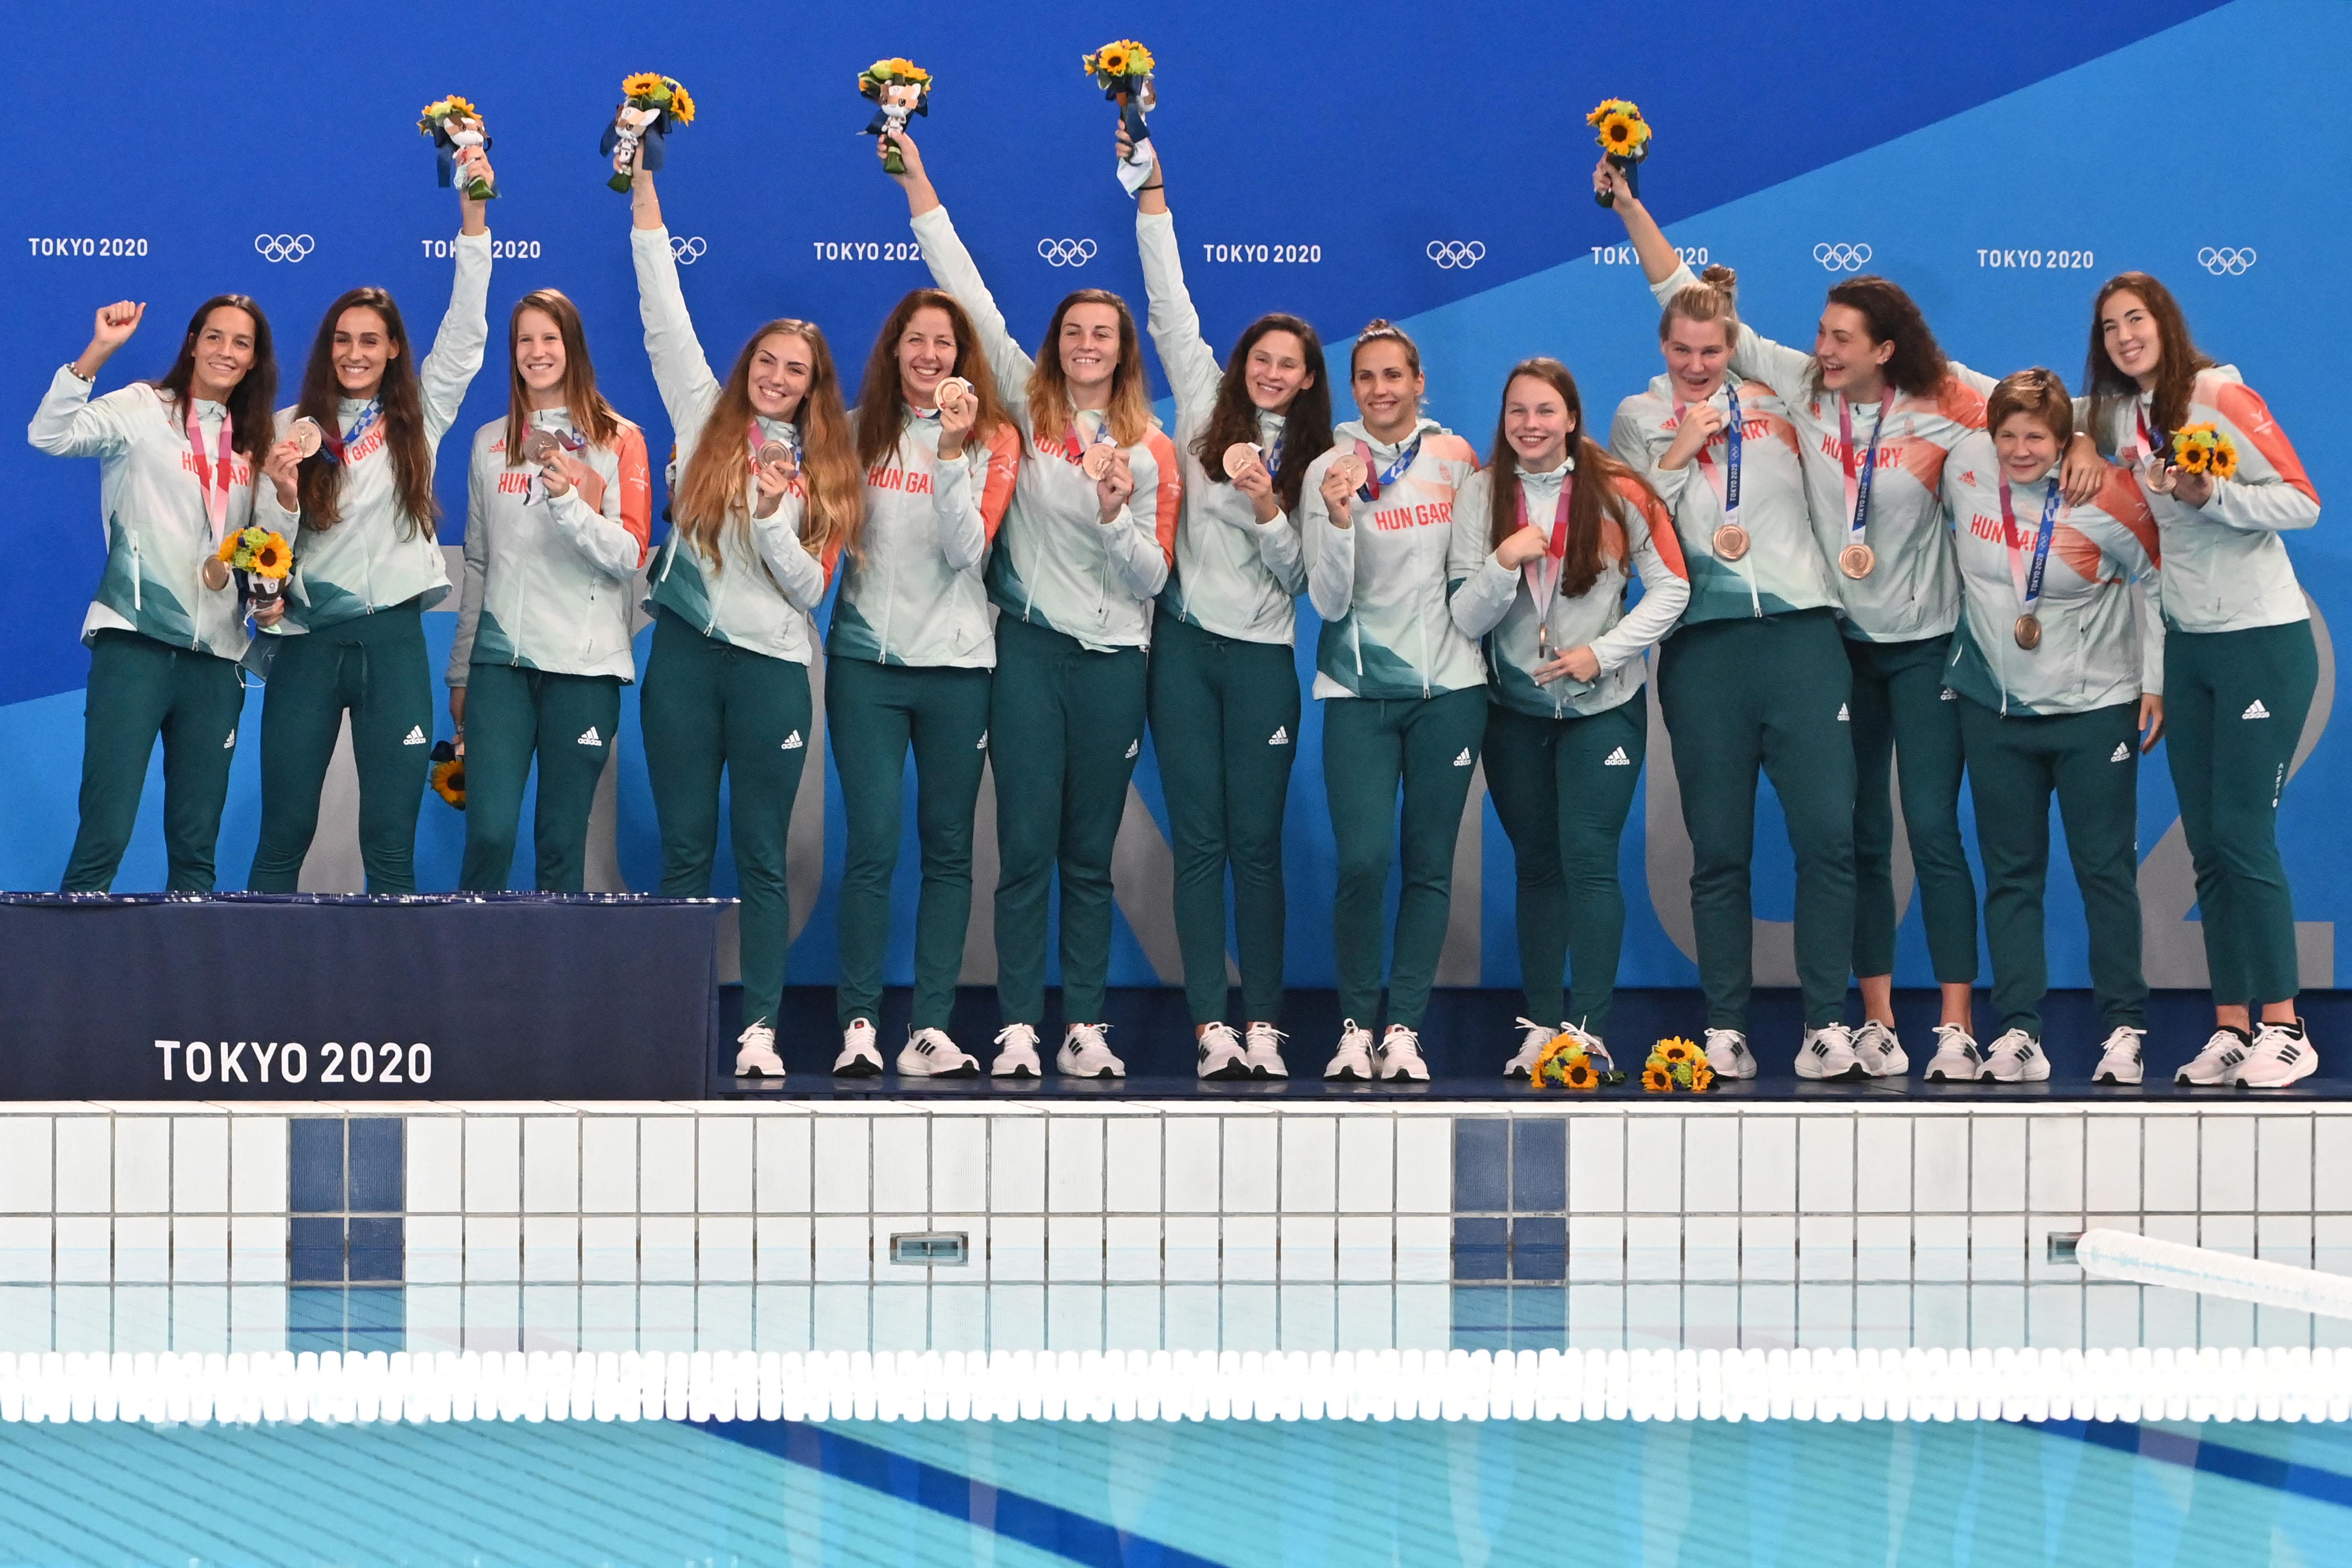 Aranyat és bronzot is nyertünk a tokiói olimpia utolsó előtti napján